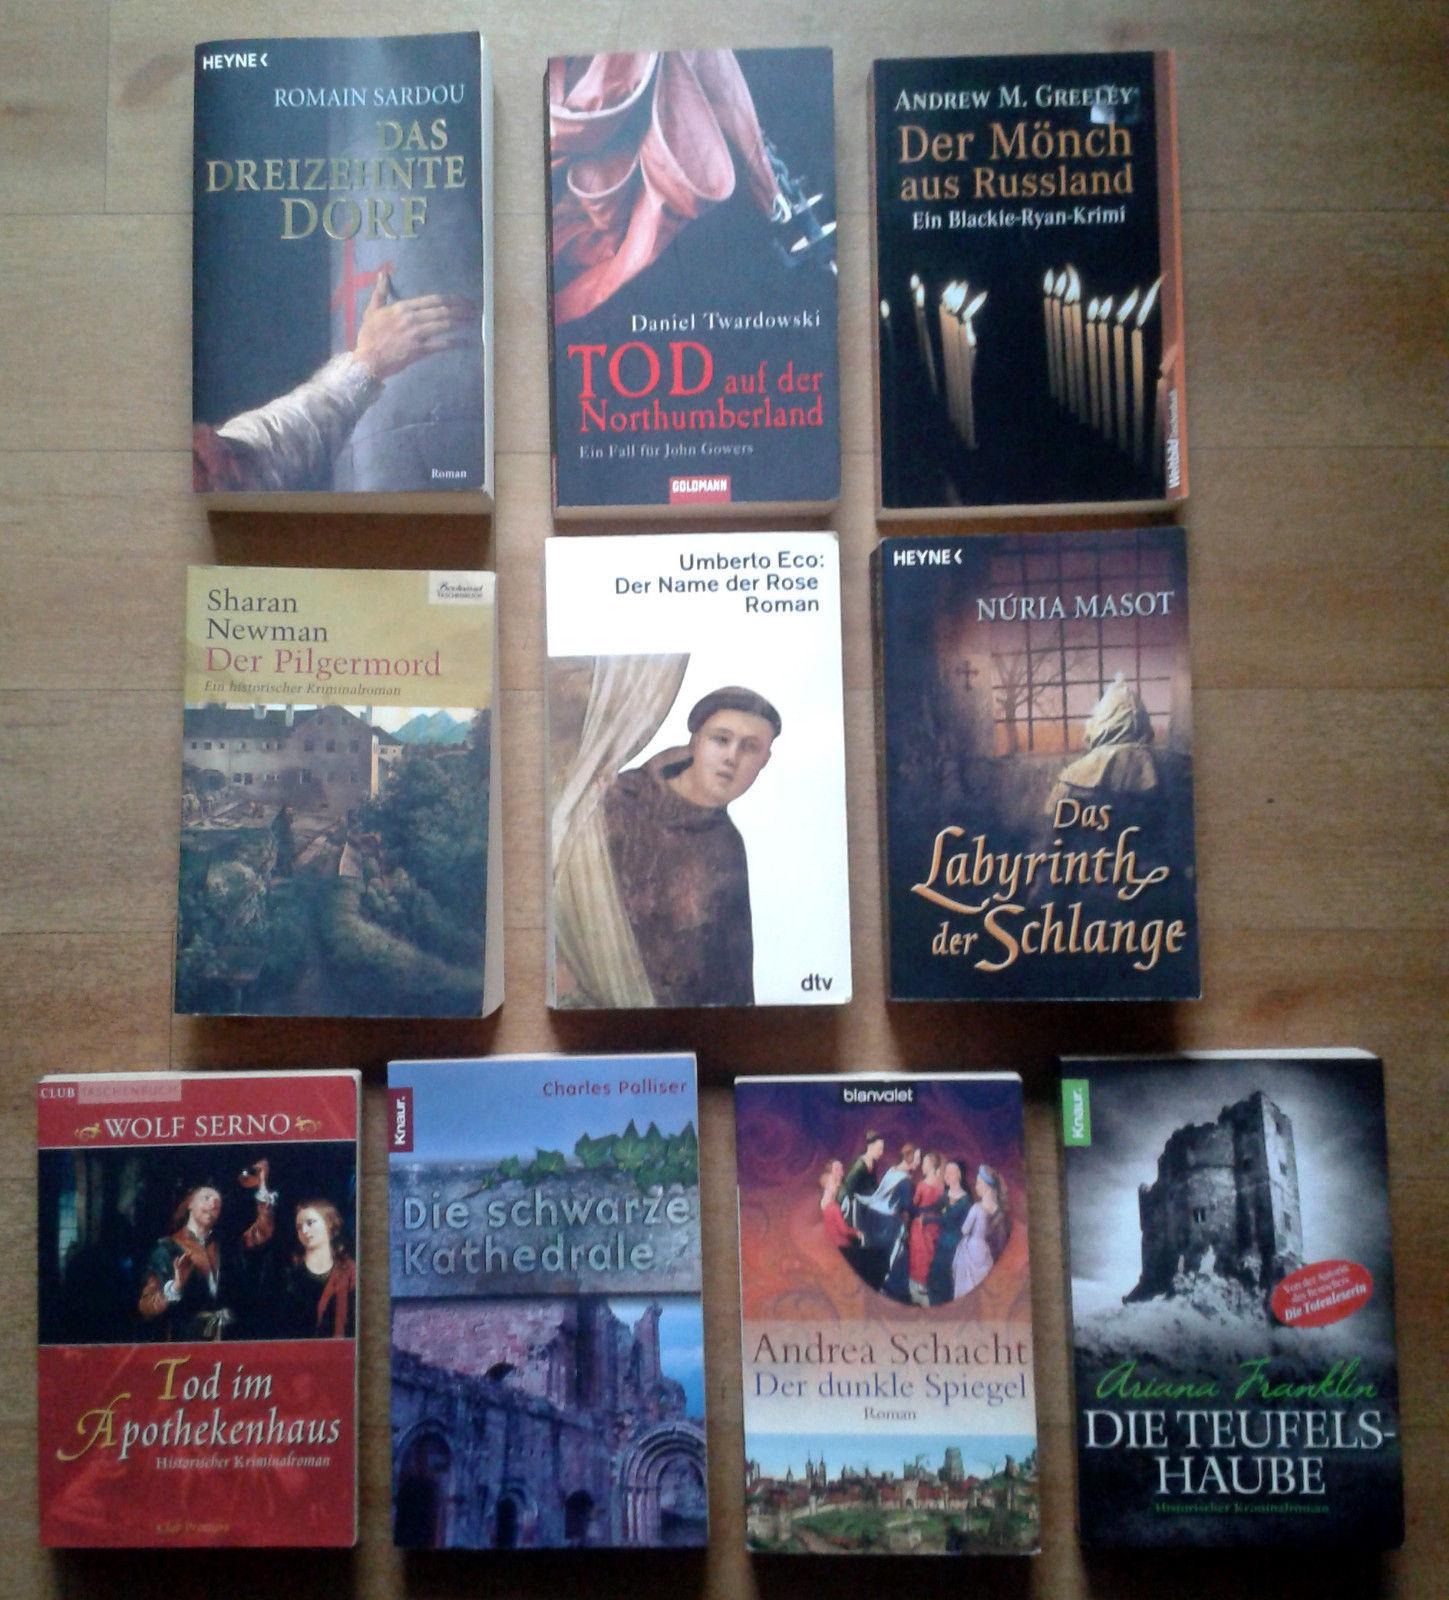 10 historische Kriminalromane Krimipaket Bücherpaket - Der Name der Rose u. a.